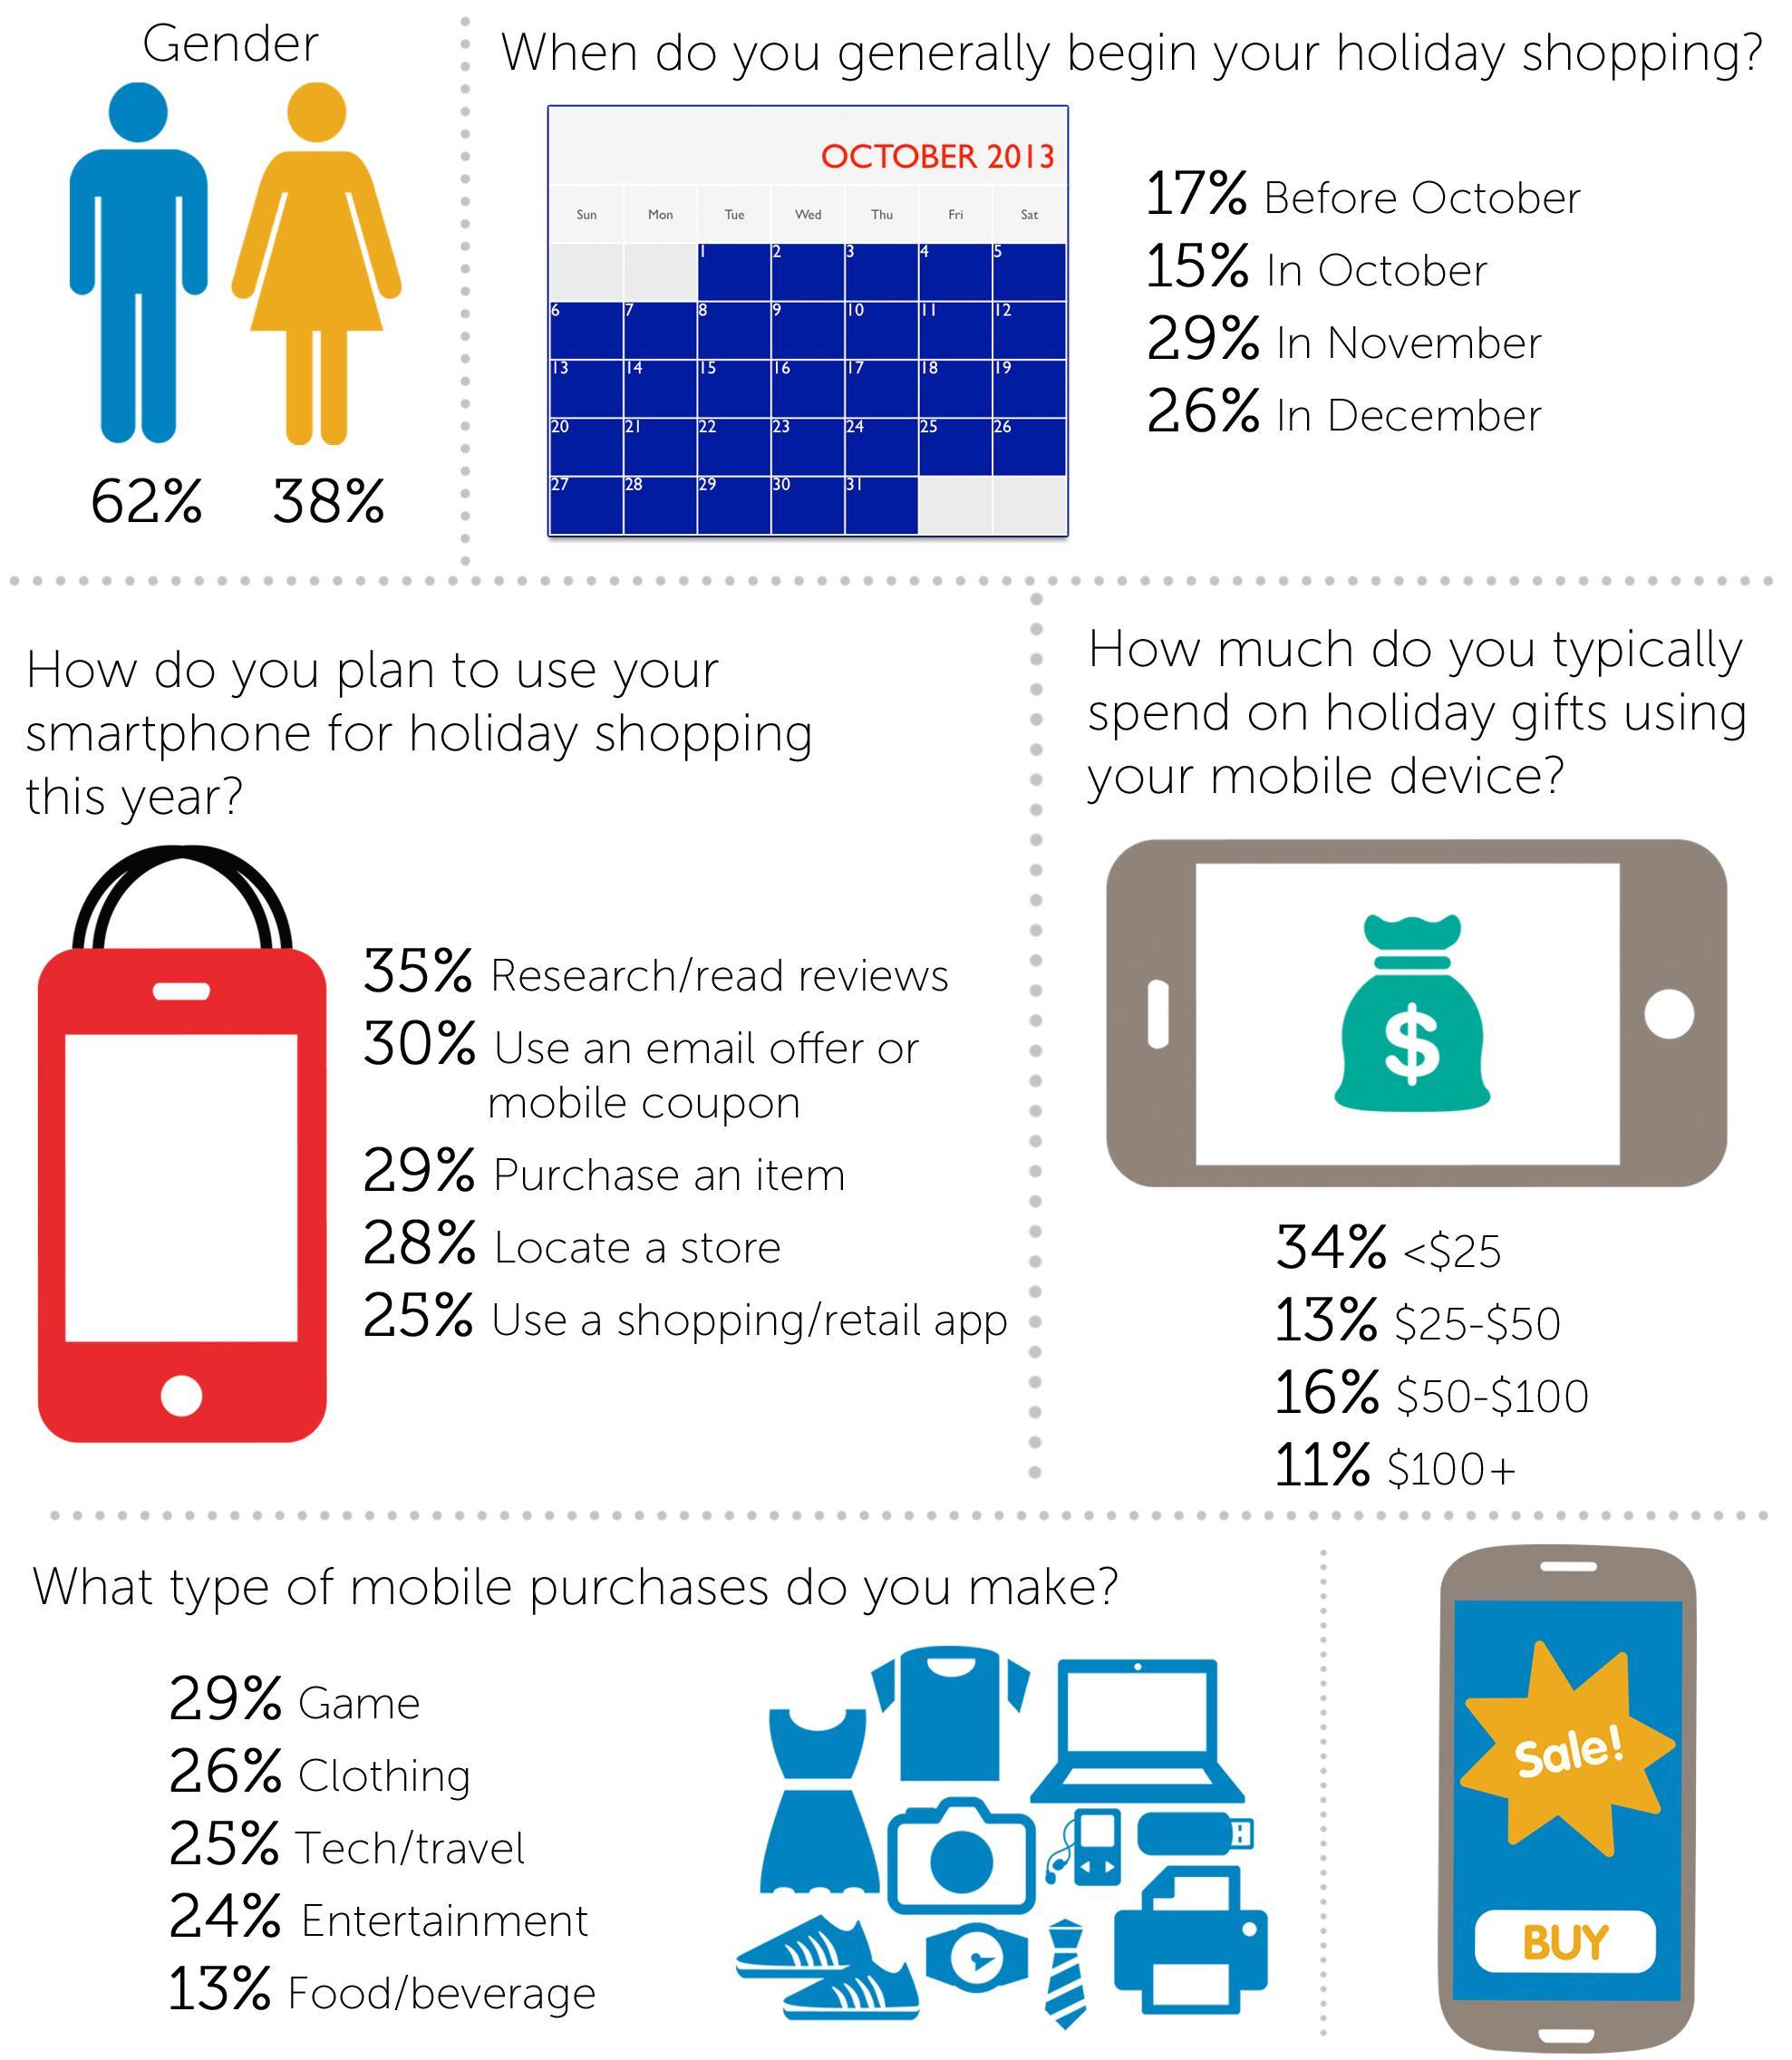 HolidayShopping_InfographicTapjoy